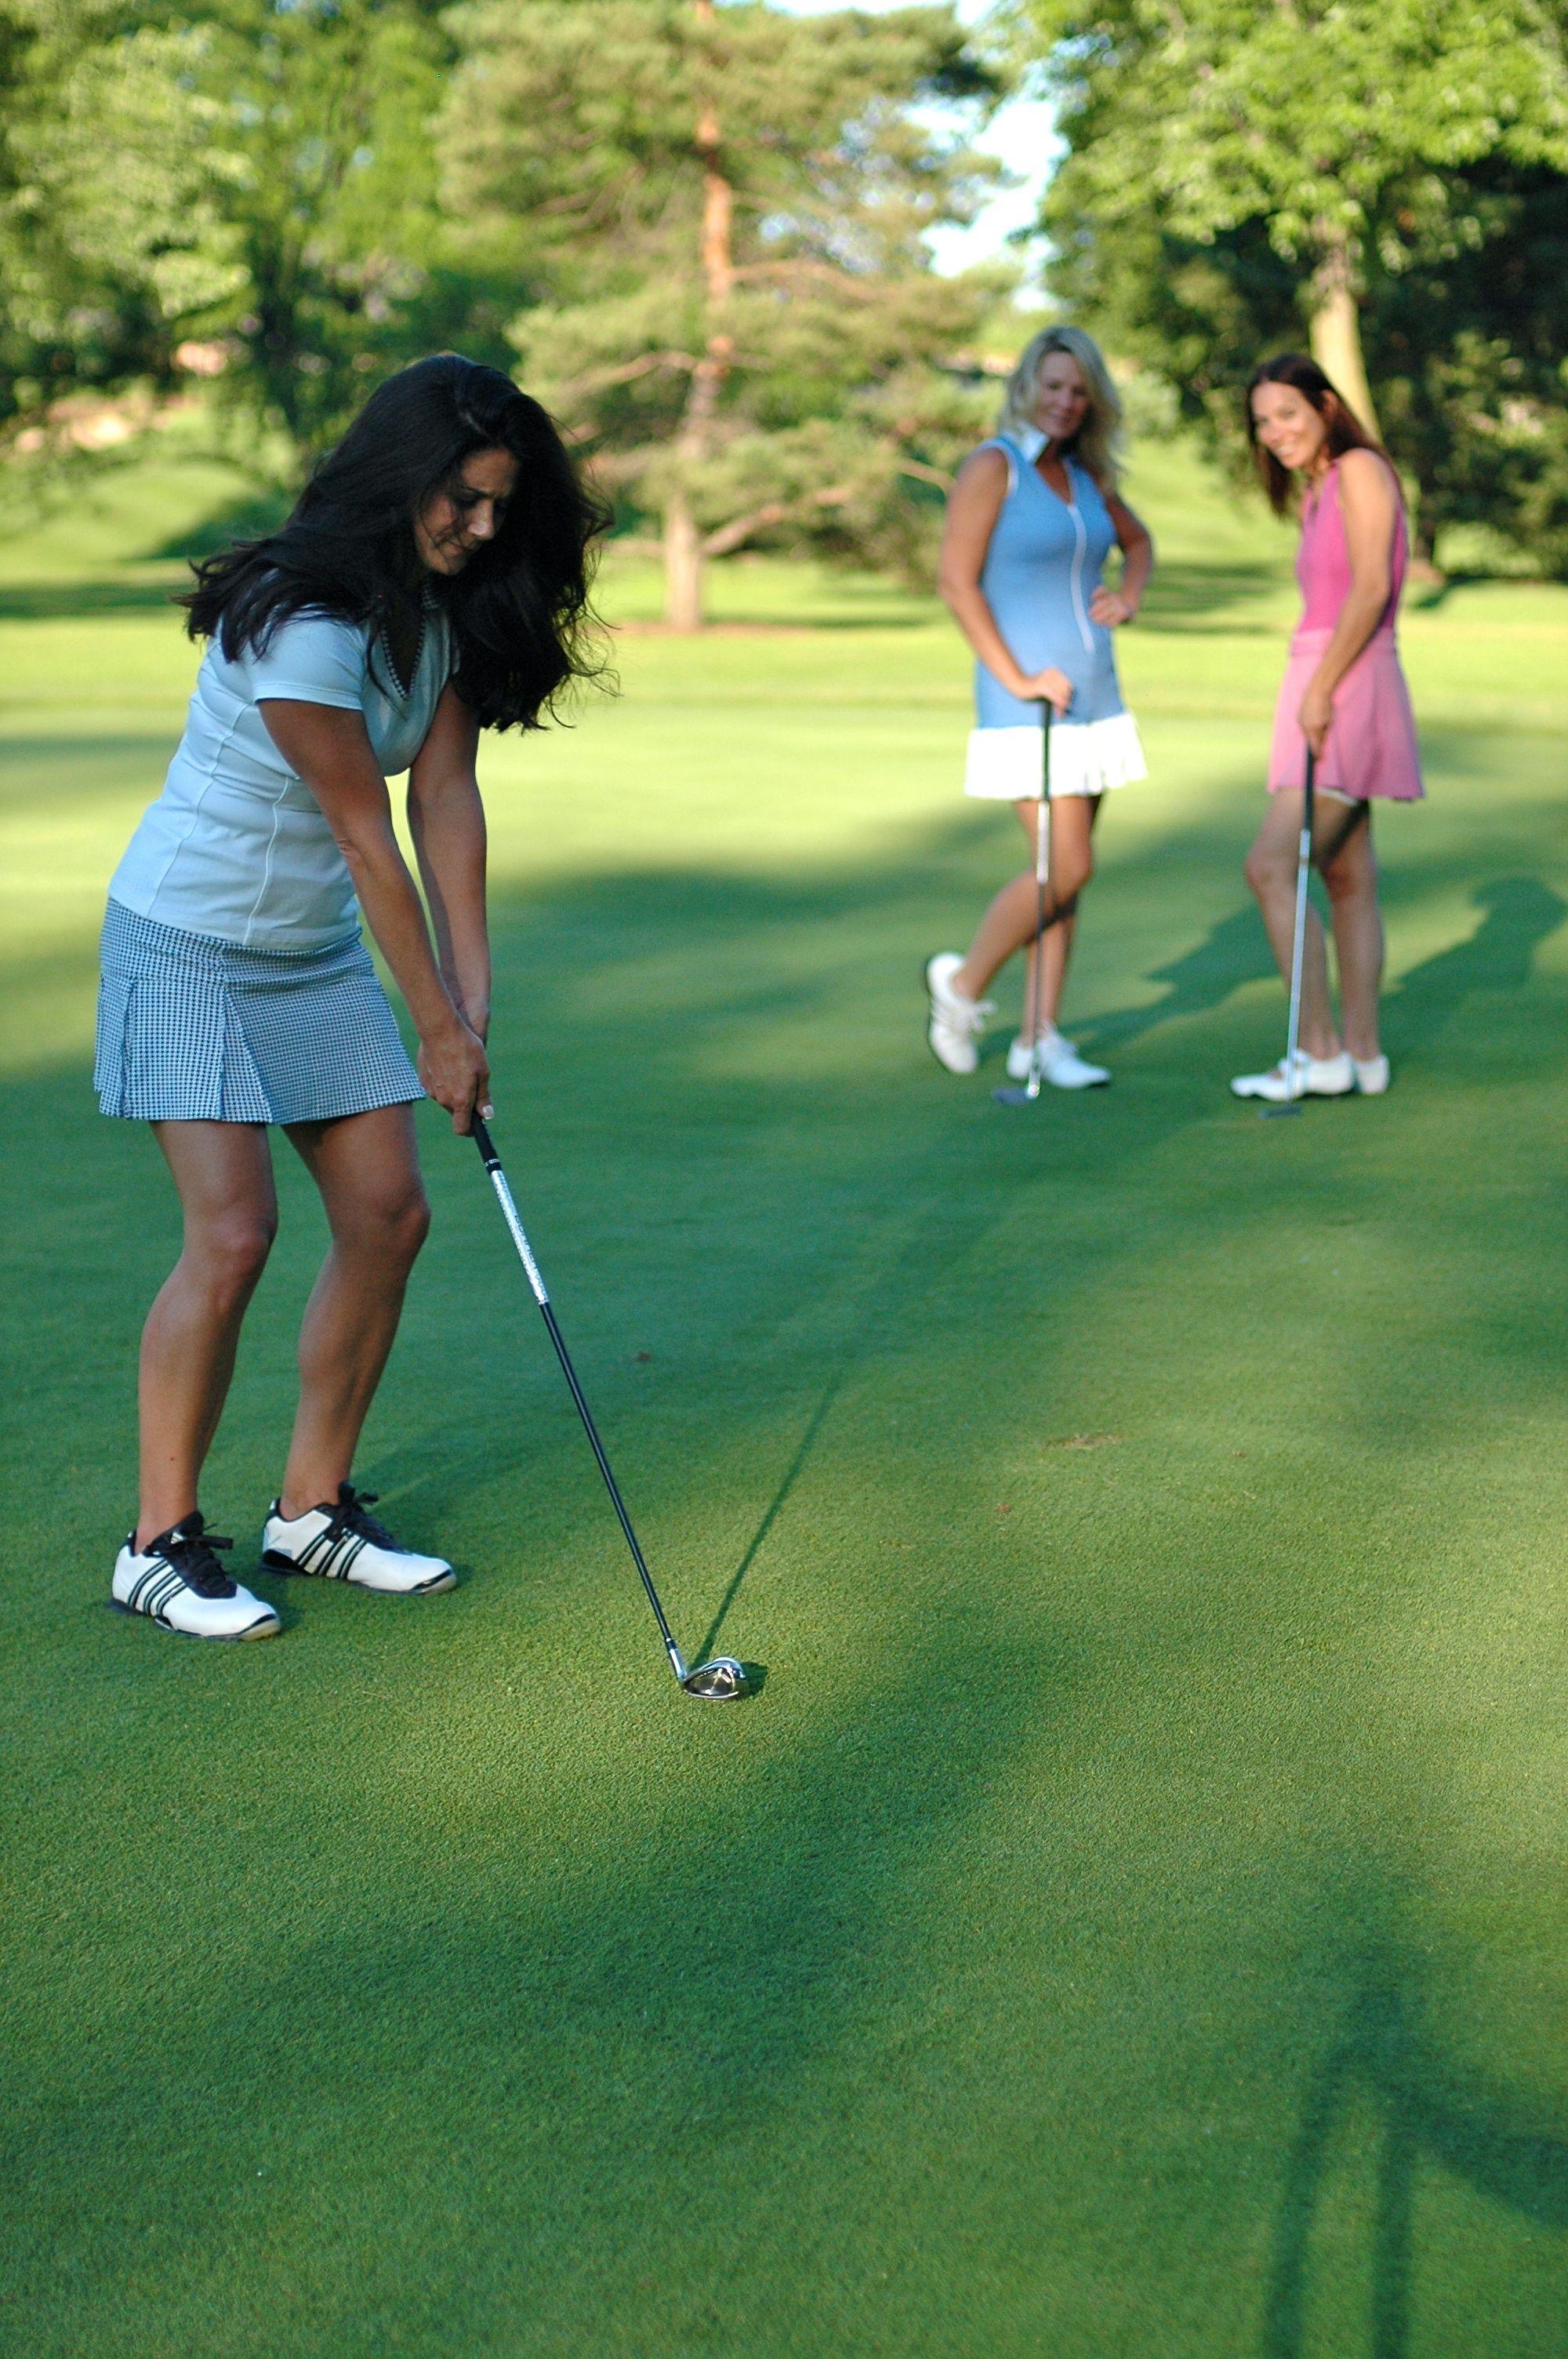 Golf Fun On The Course Tennis Clothes Golf Fashion Summer Fun